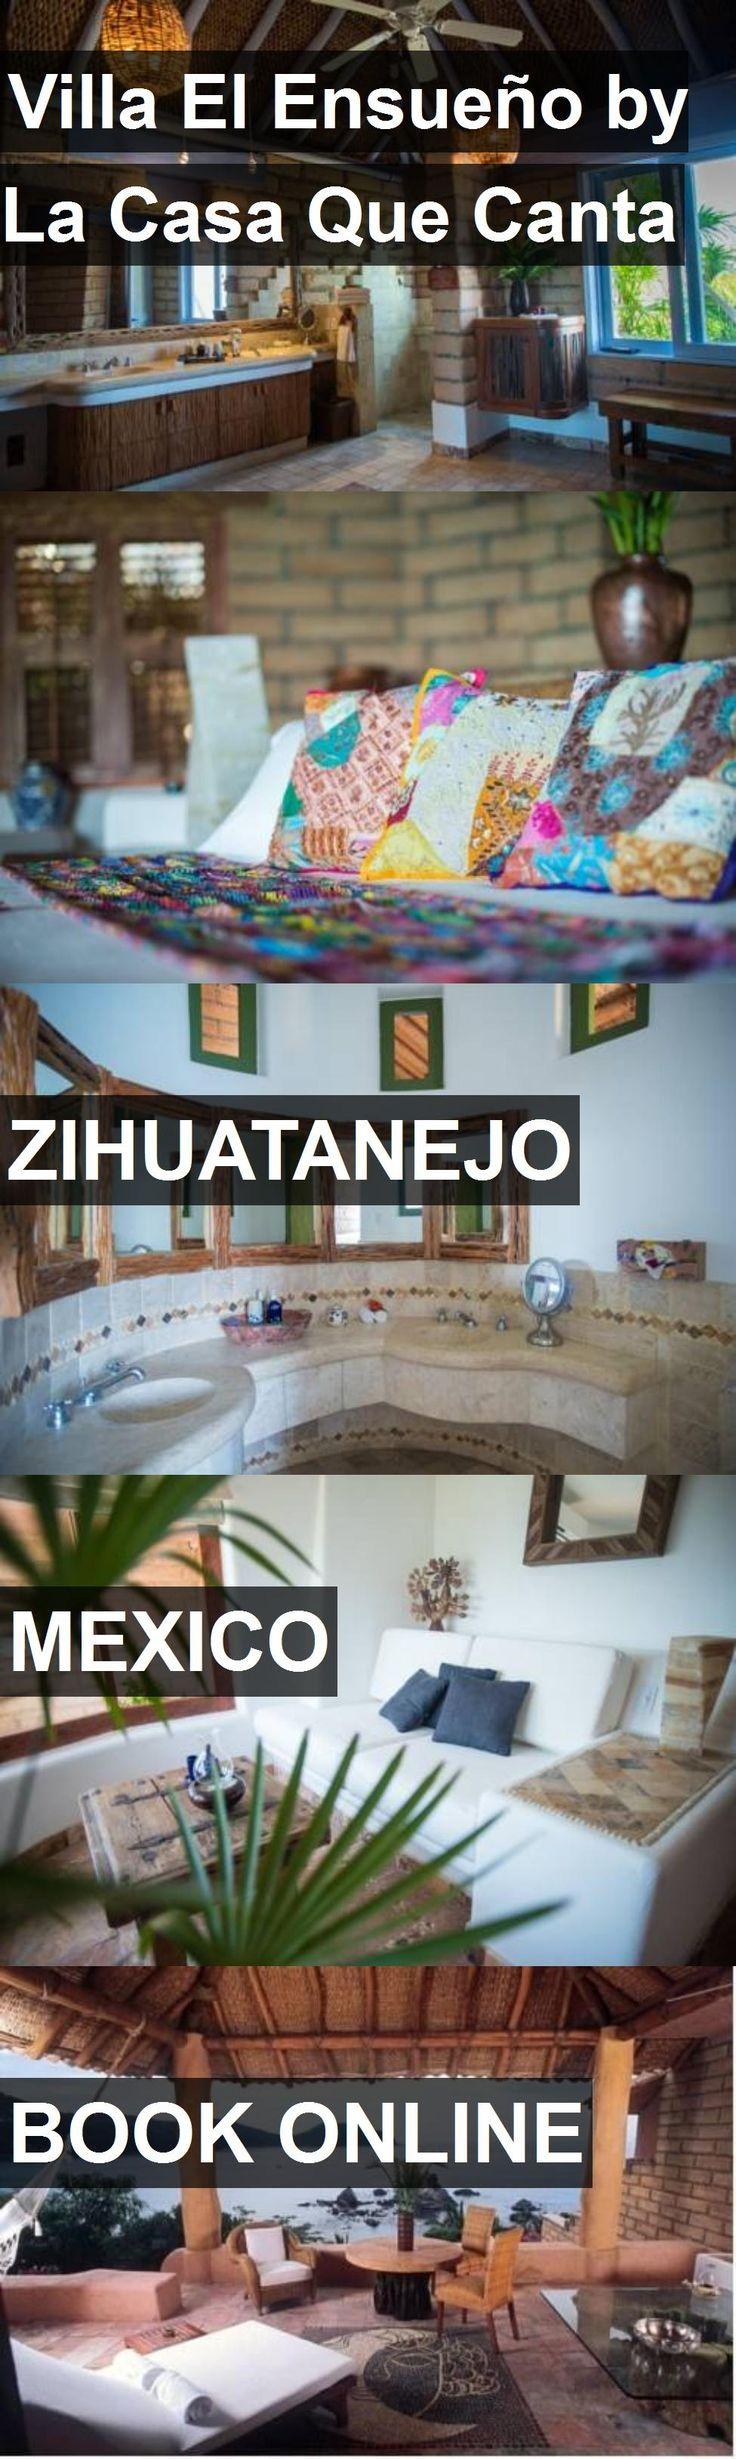 Hotel Villa El Ensueño by La Casa Que Canta in Zihuatanejo, Mexico. For more information, photos, reviews and best prices please follow the link. #Mexico #Zihuatanejo #hotel #travel #vacation